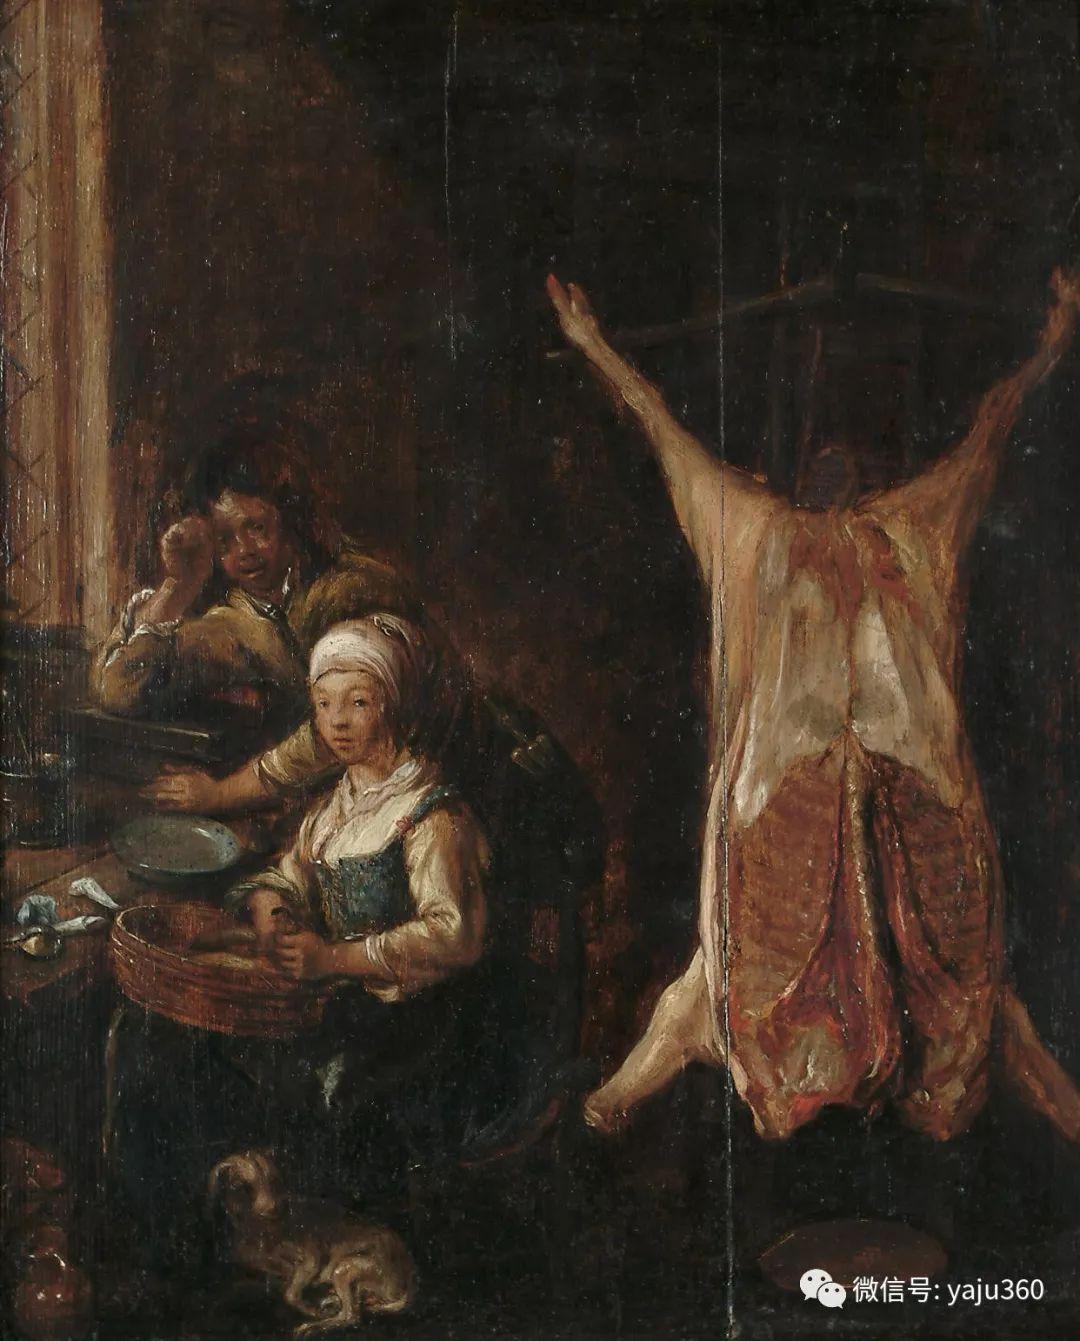 油画世界 17世纪荷兰画家Jan Miense Molenaer插图9